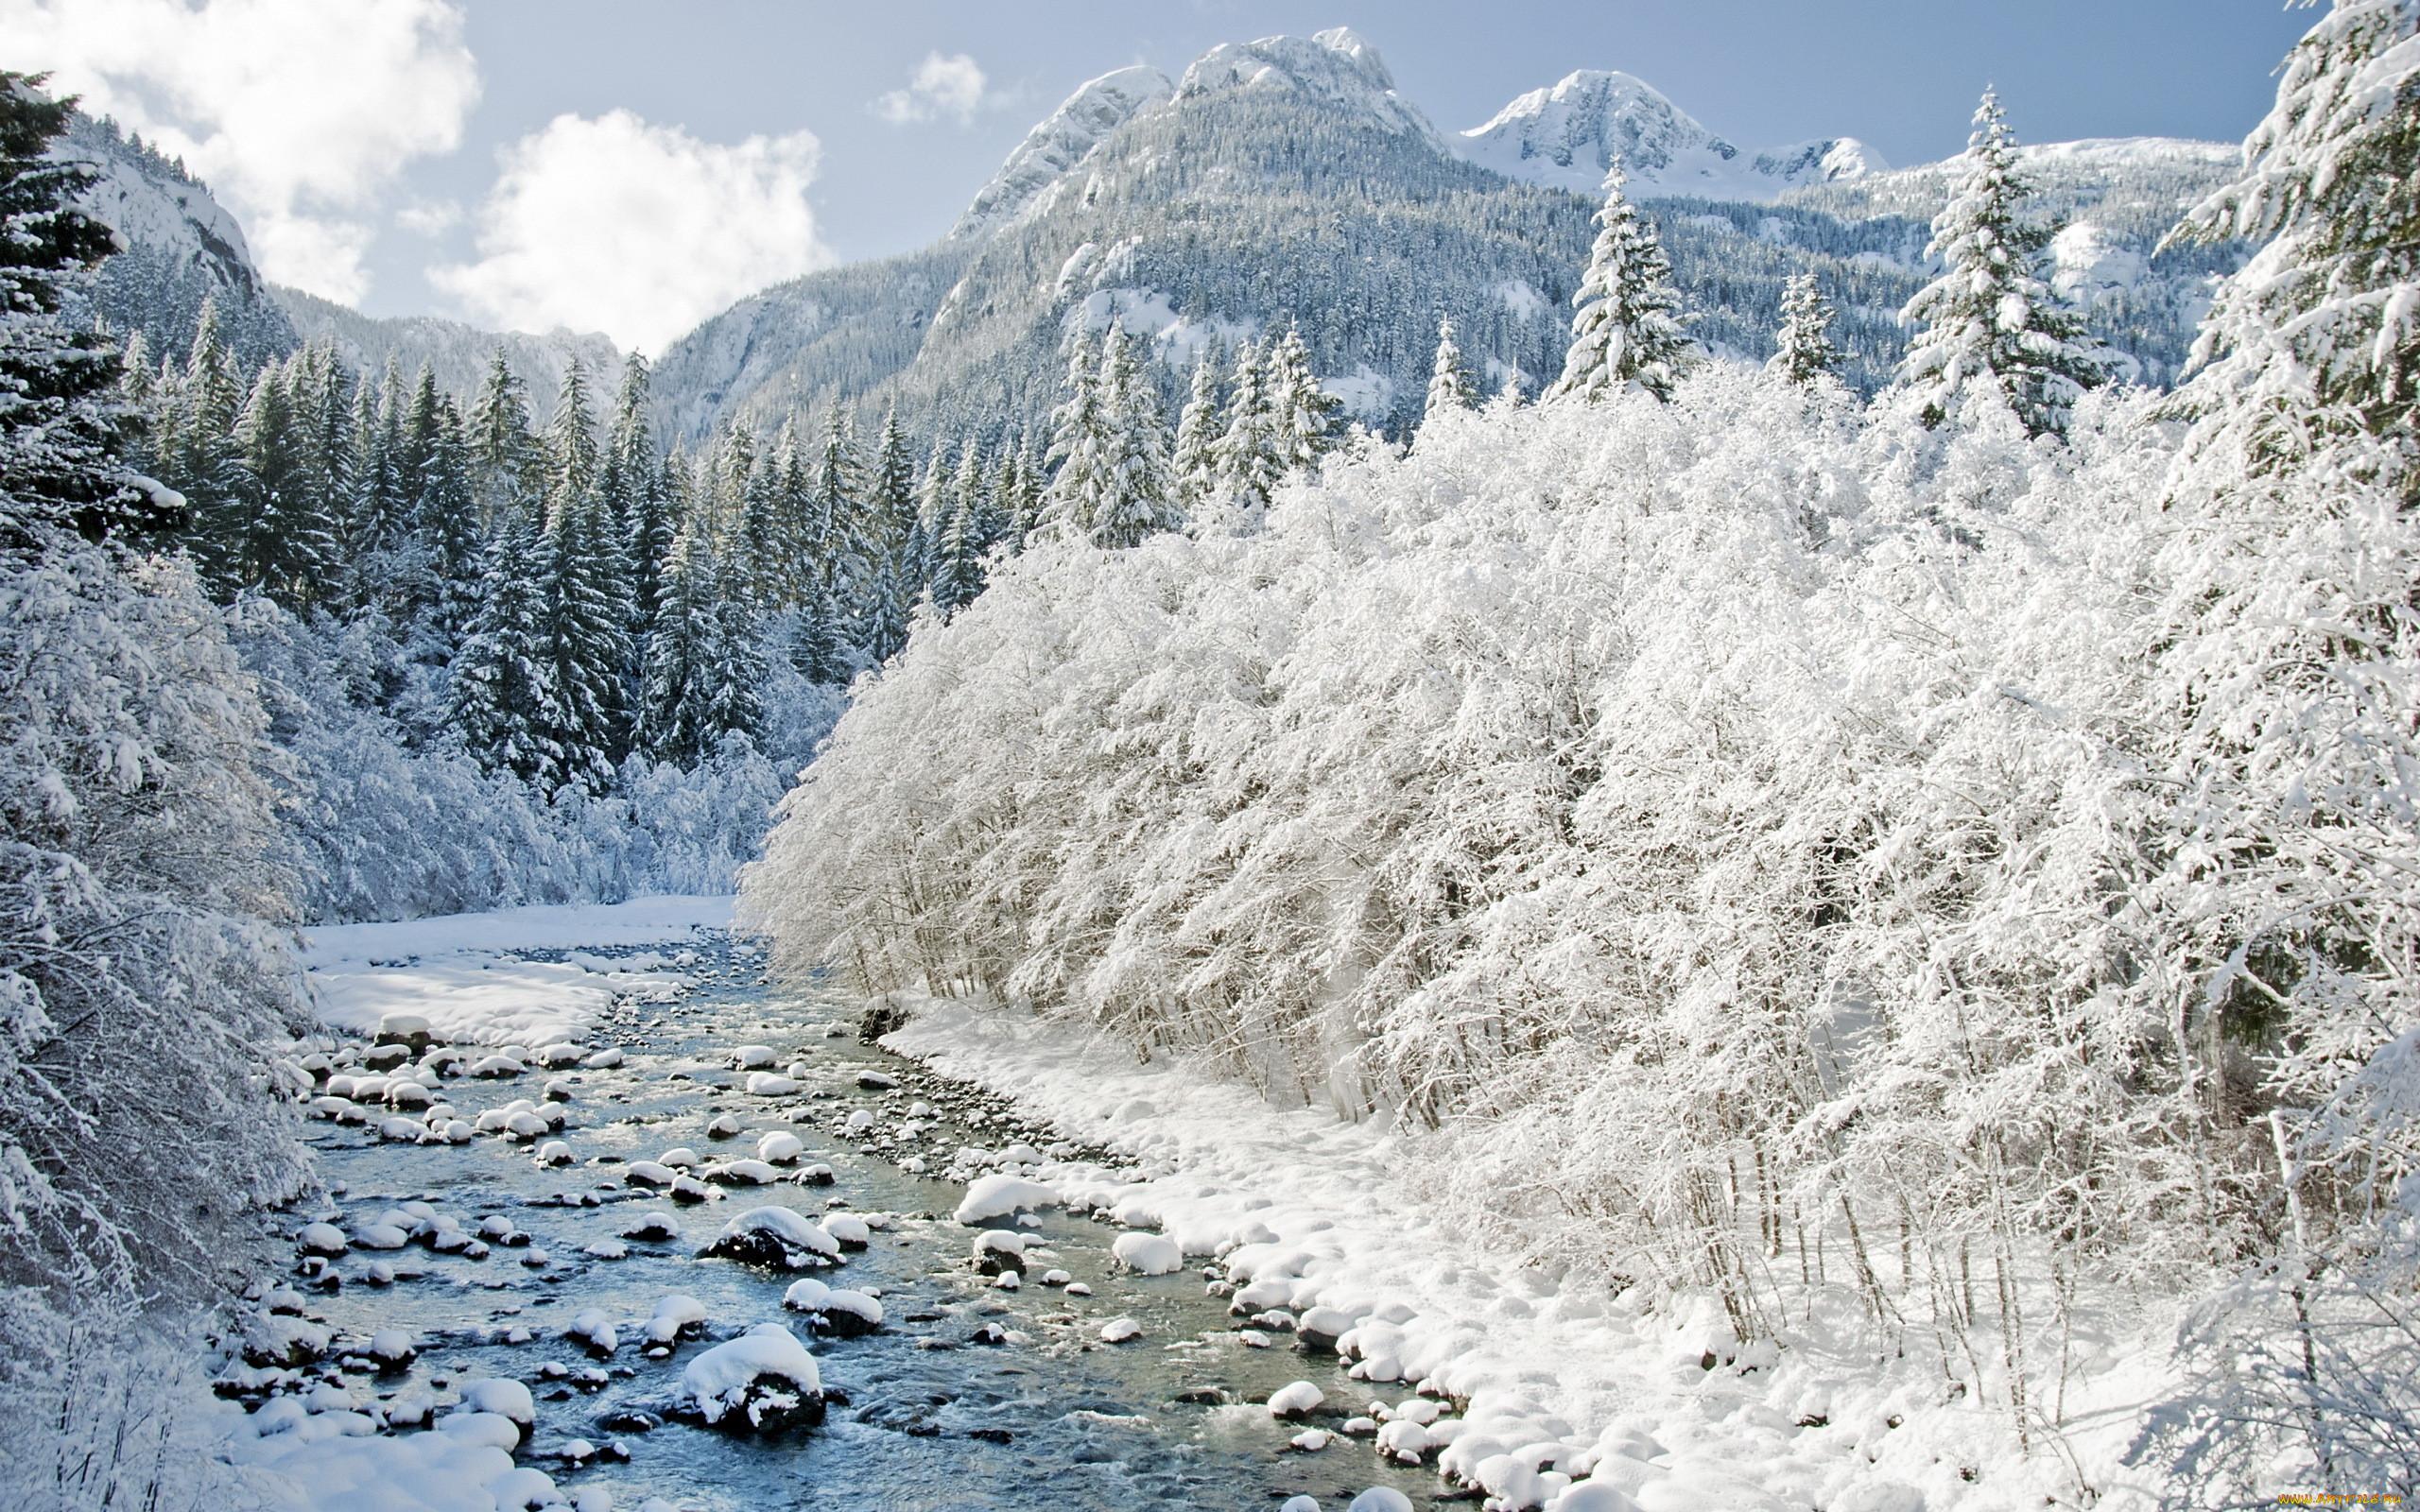 картинки река заснеженная смотрю